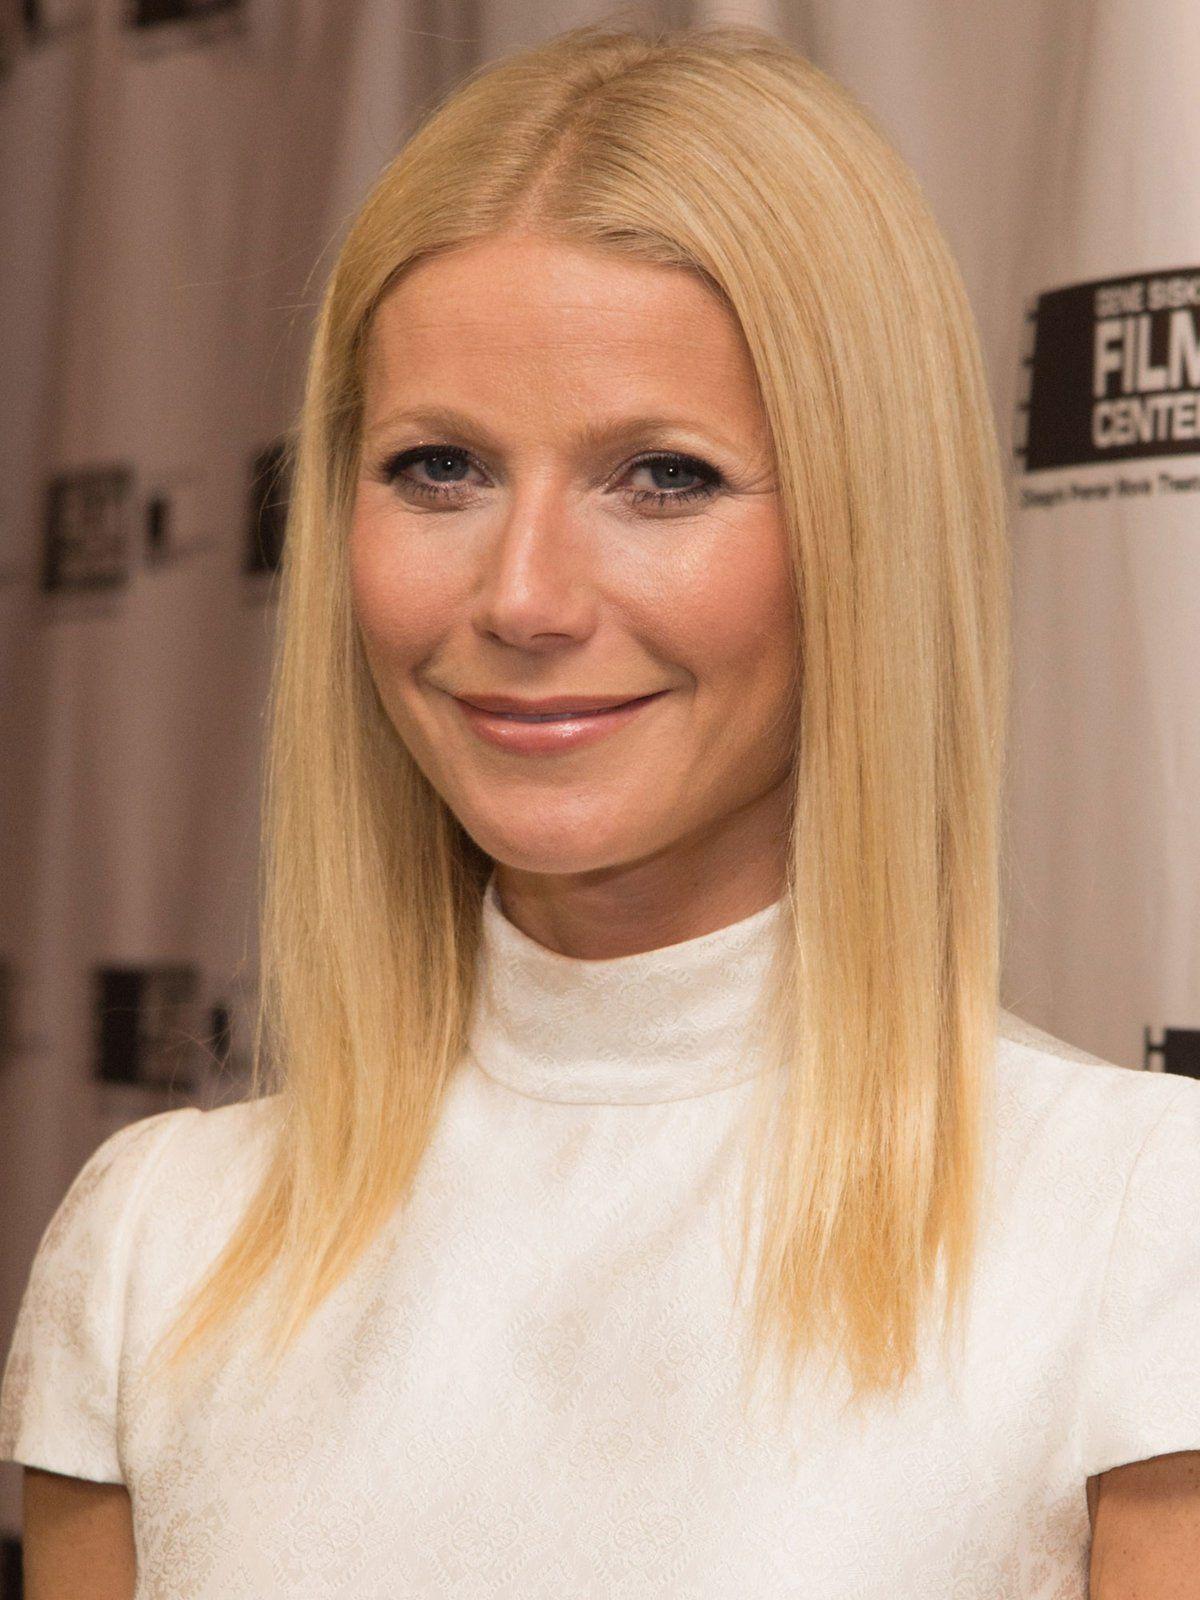 Frisur Gwyneth Paltrow Frisuren Feines Haar Feines Haar